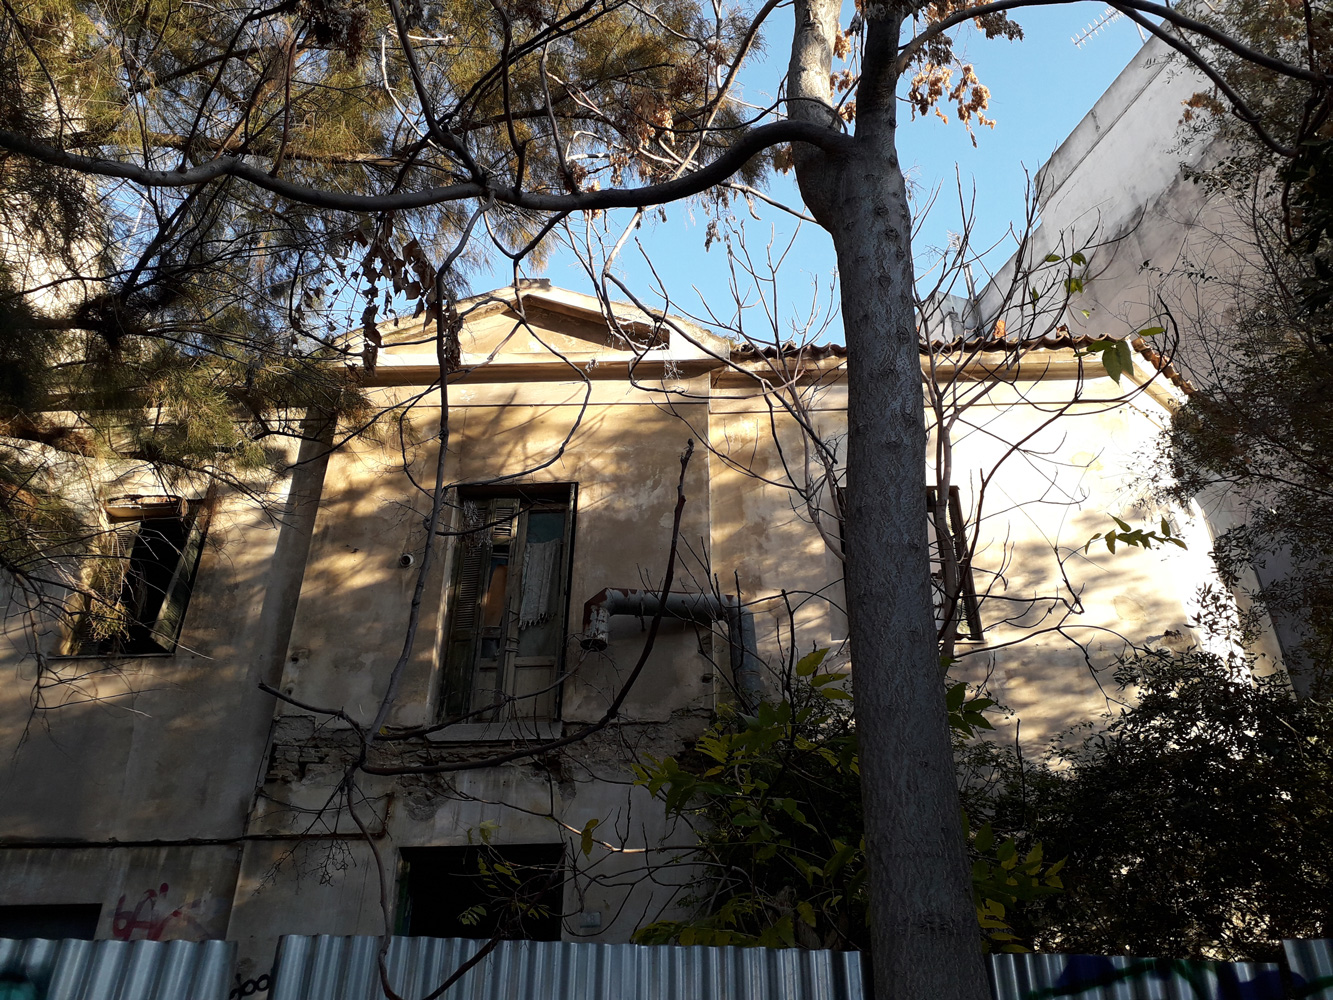 Εικόνα 4:Η οικία Σουρή στο Ν. Φάληρο. Πηγή: Ιωάννης Γεωργικόπουλος